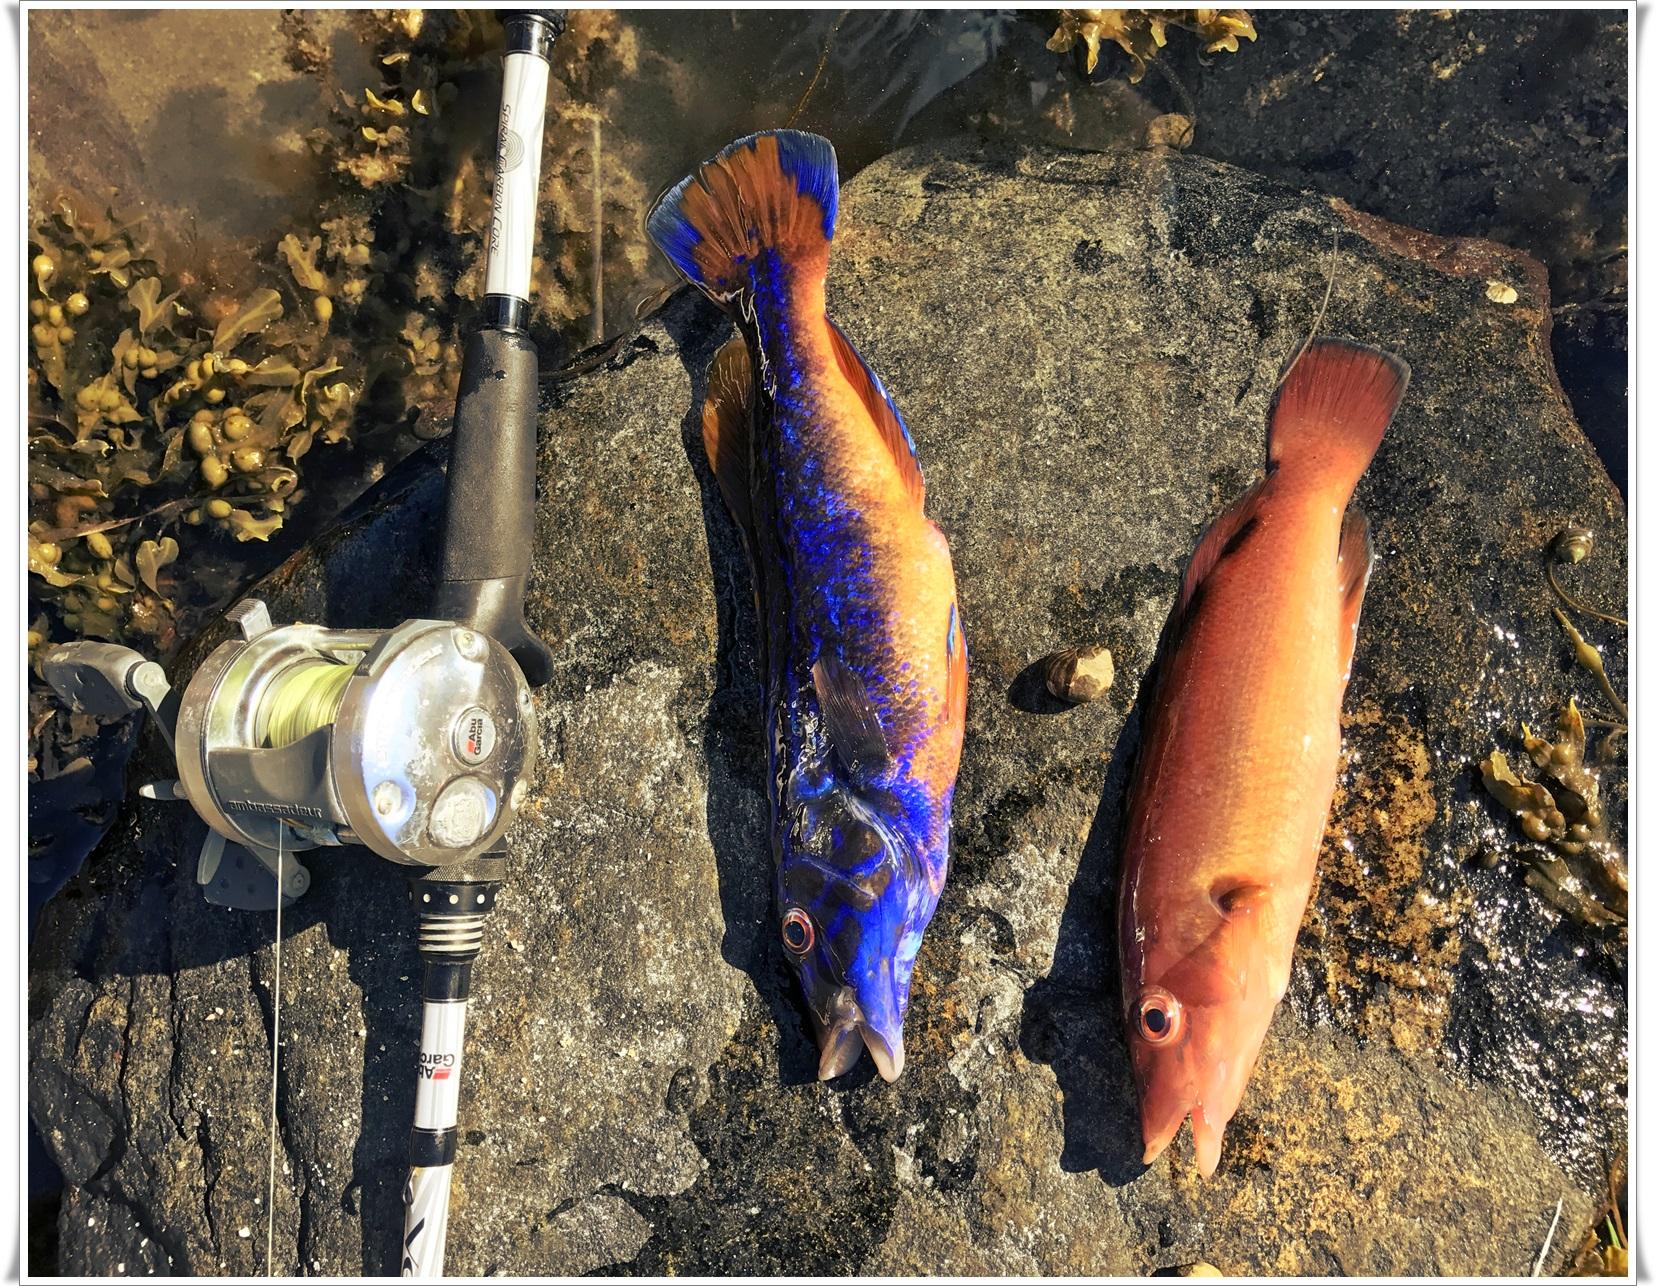 Blåstål og rødnebb er samme fiskeart. Den er jente (rødnebb) som liten og skifter kjønn og blir blå etterhvert